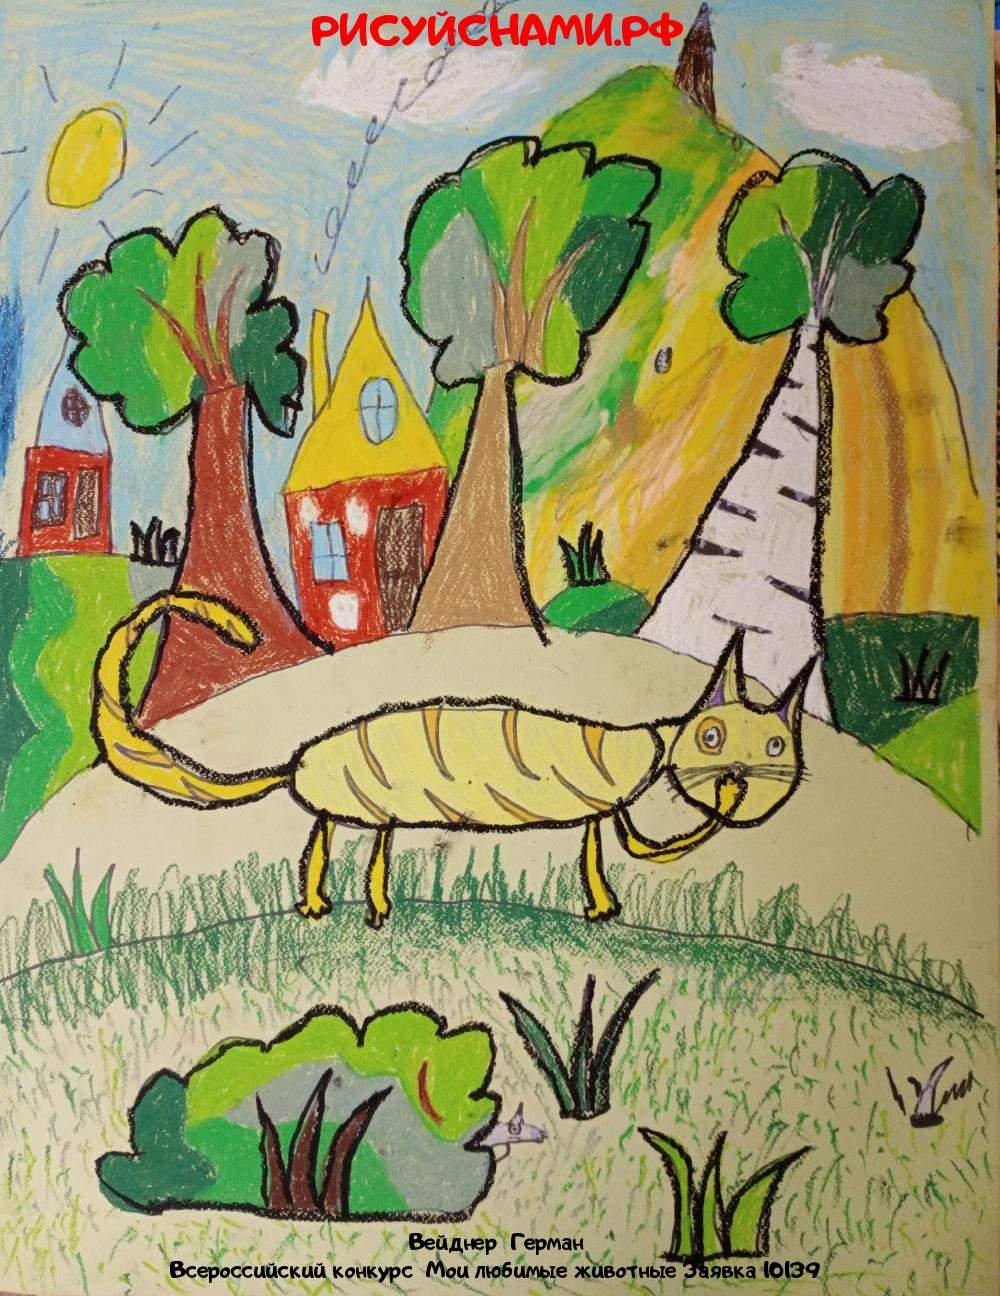 Всероссийский конкурс  Мои любимые животные Заявка 10139  творческие конкурсы рисунков для школьников и дошкольников рисуй с нами #тмрисуйснами рисунок и поделка - Вейднер  Герман